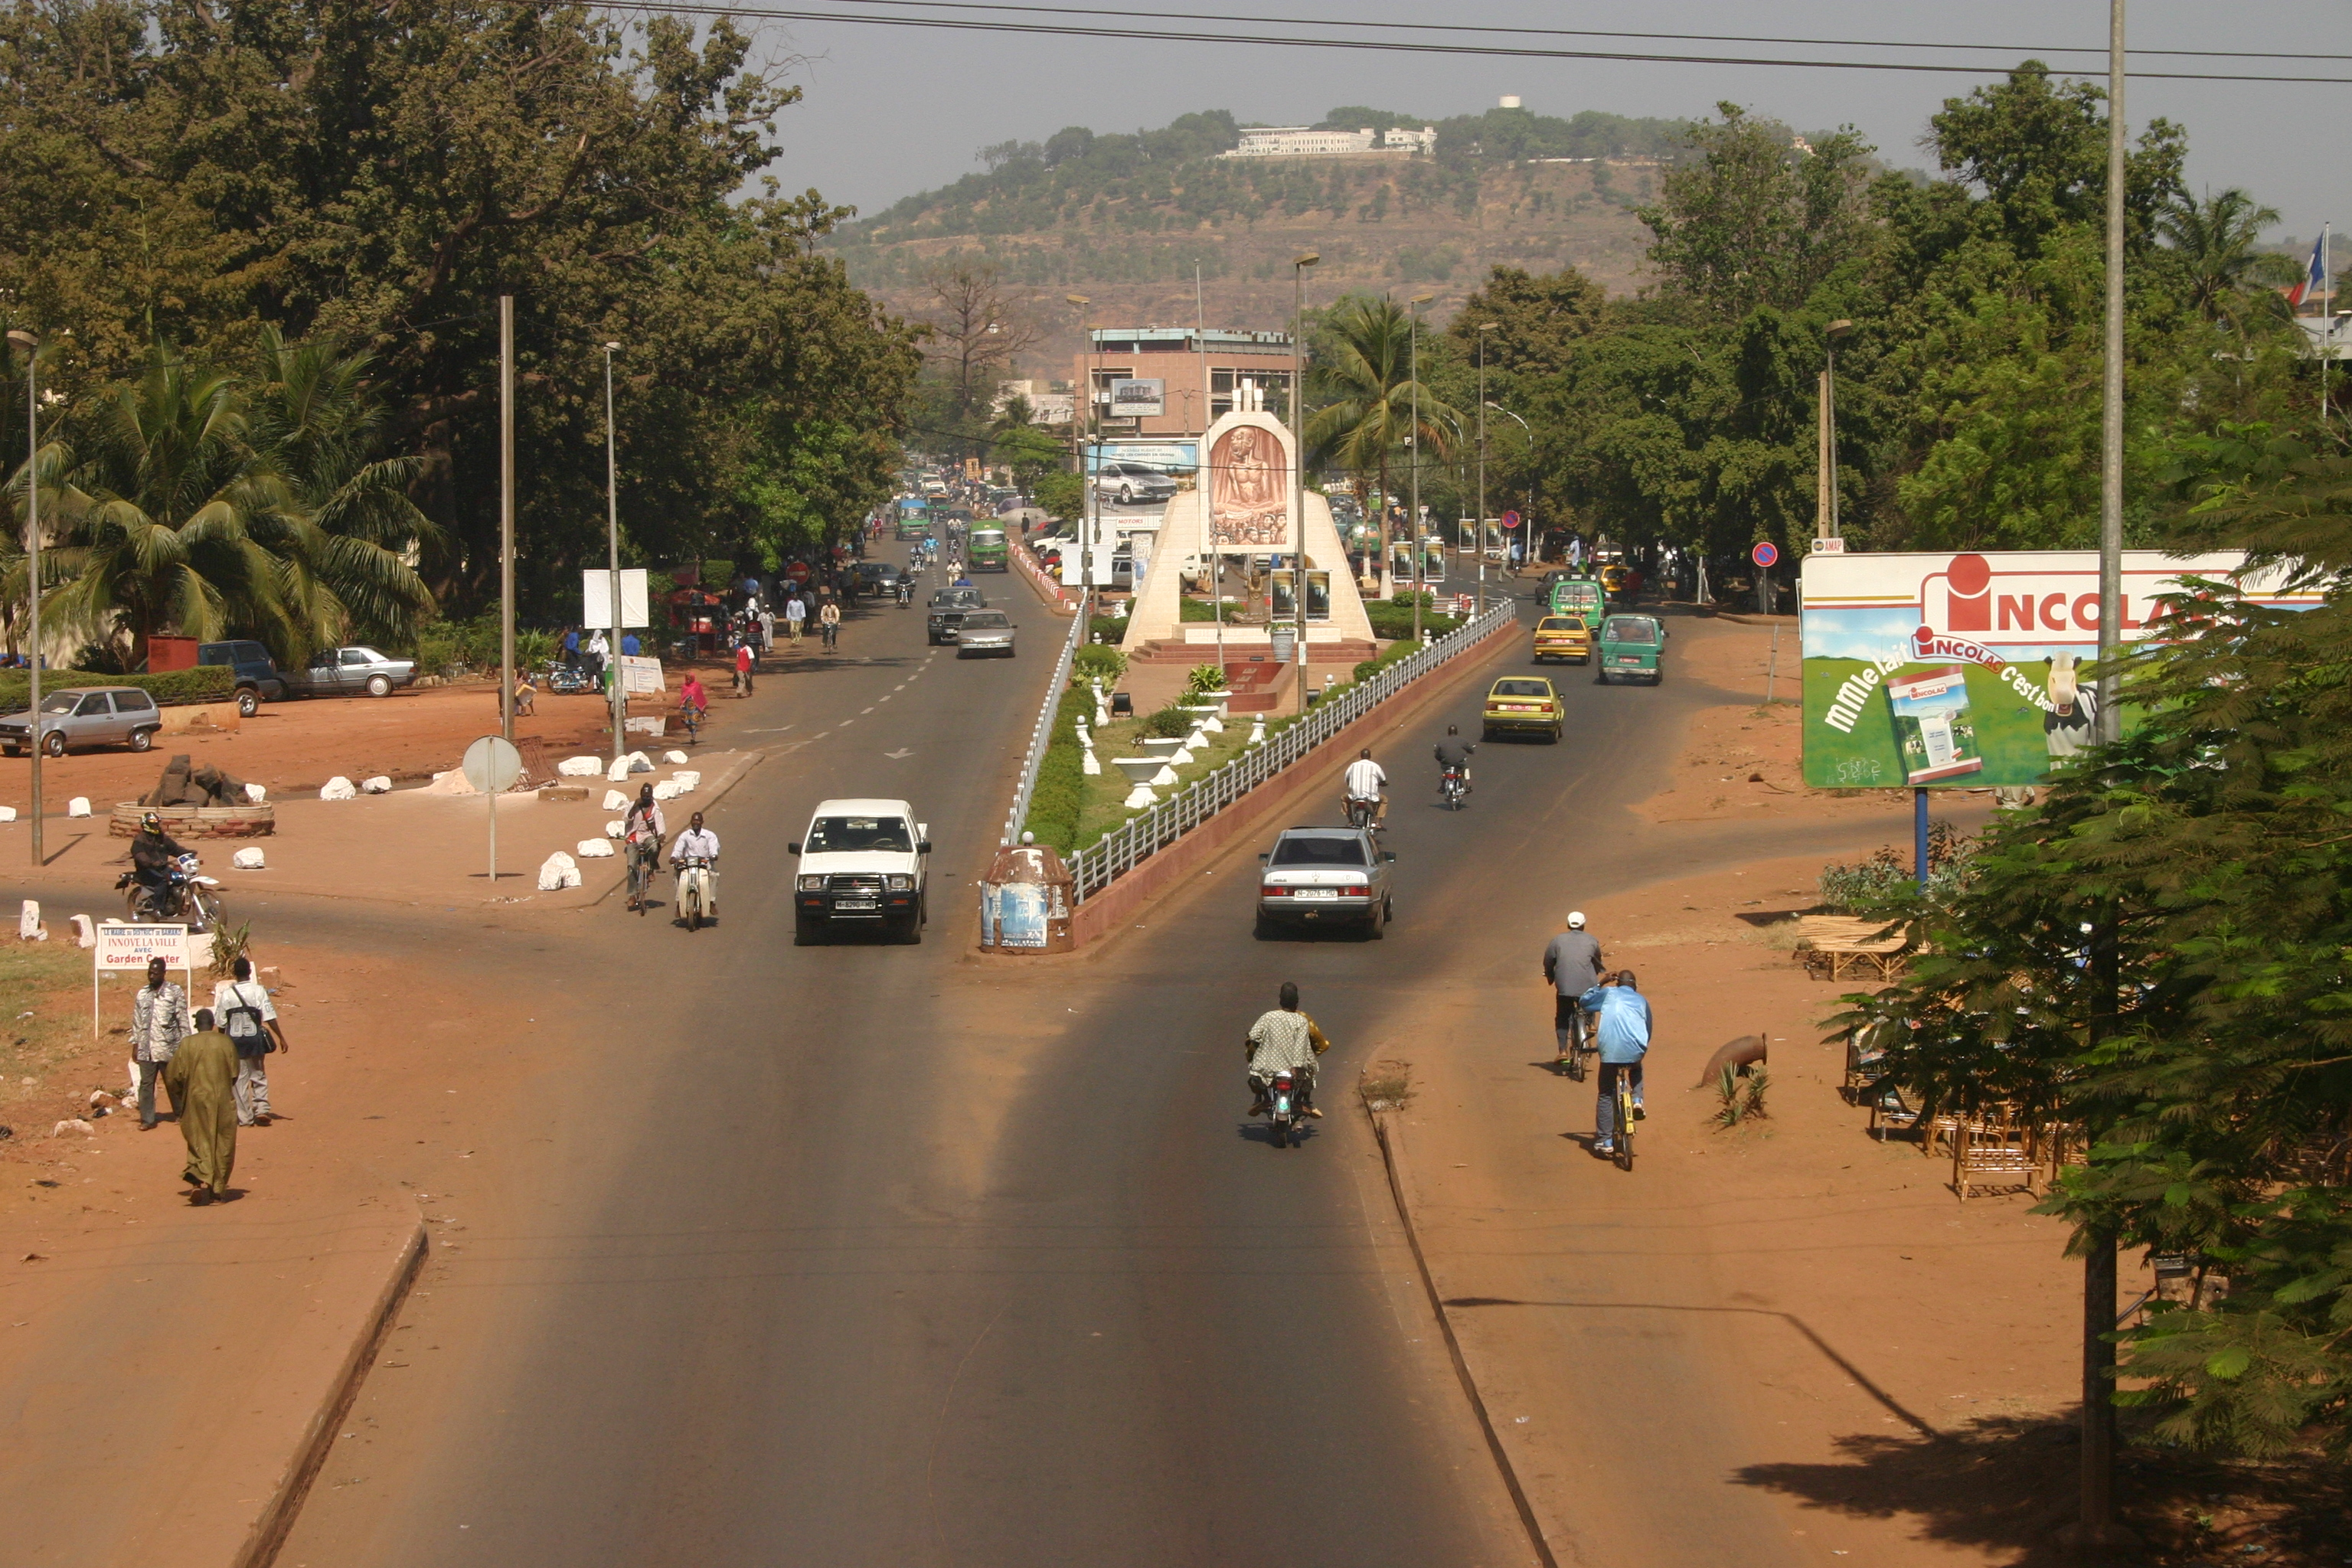 les 10 viles les plus grandes d'Afrique de l'ouest